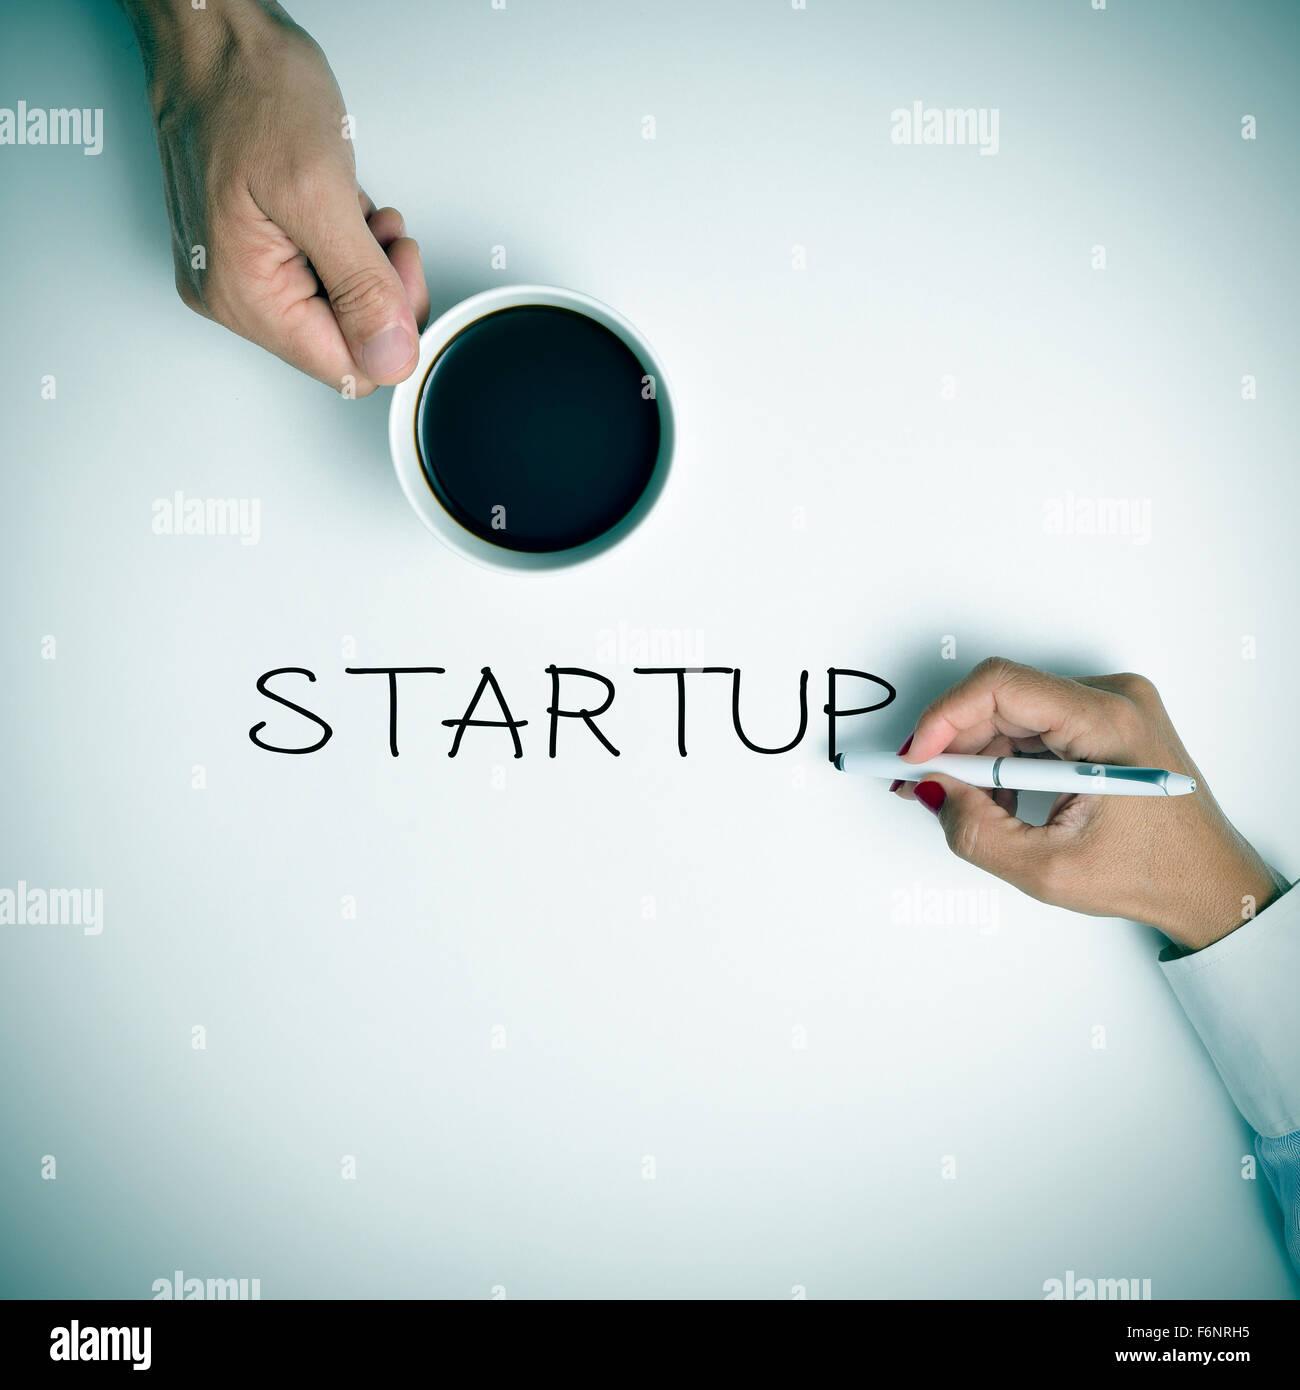 Capture d'un grand angle d'un jeune homme avec une tasse de café et une jeune femme écrit le texte Photo Stock